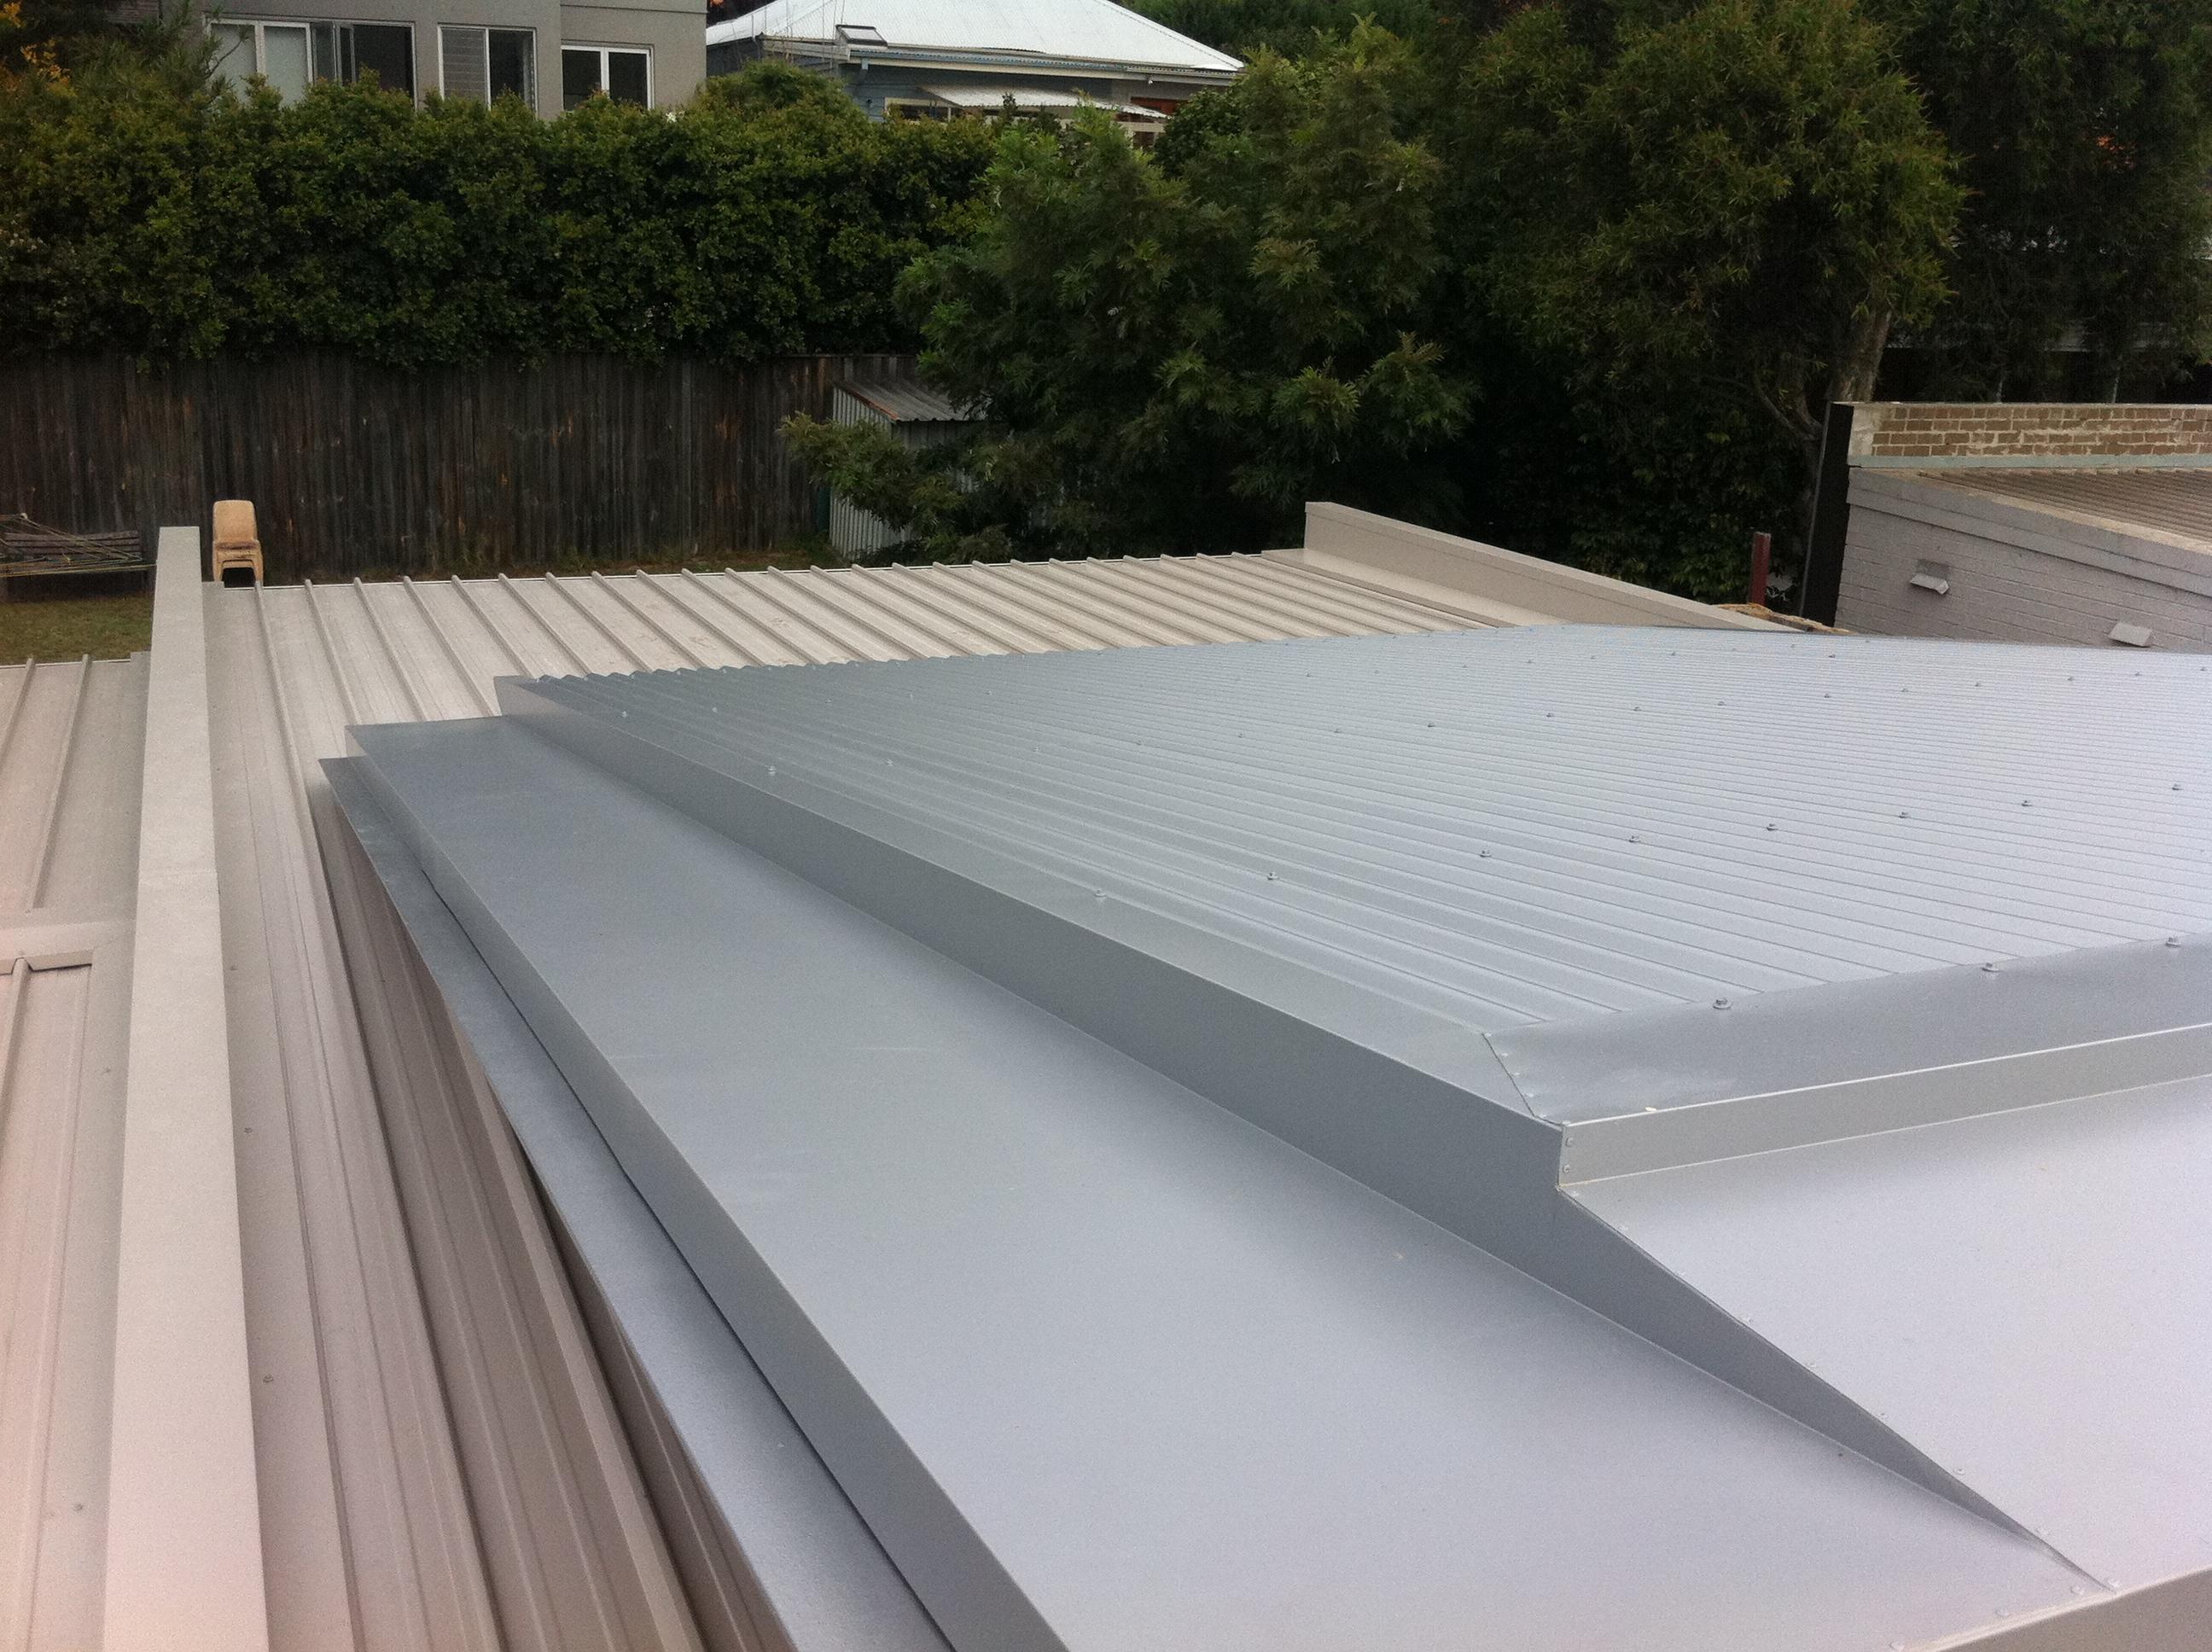 Interlock® Roofing